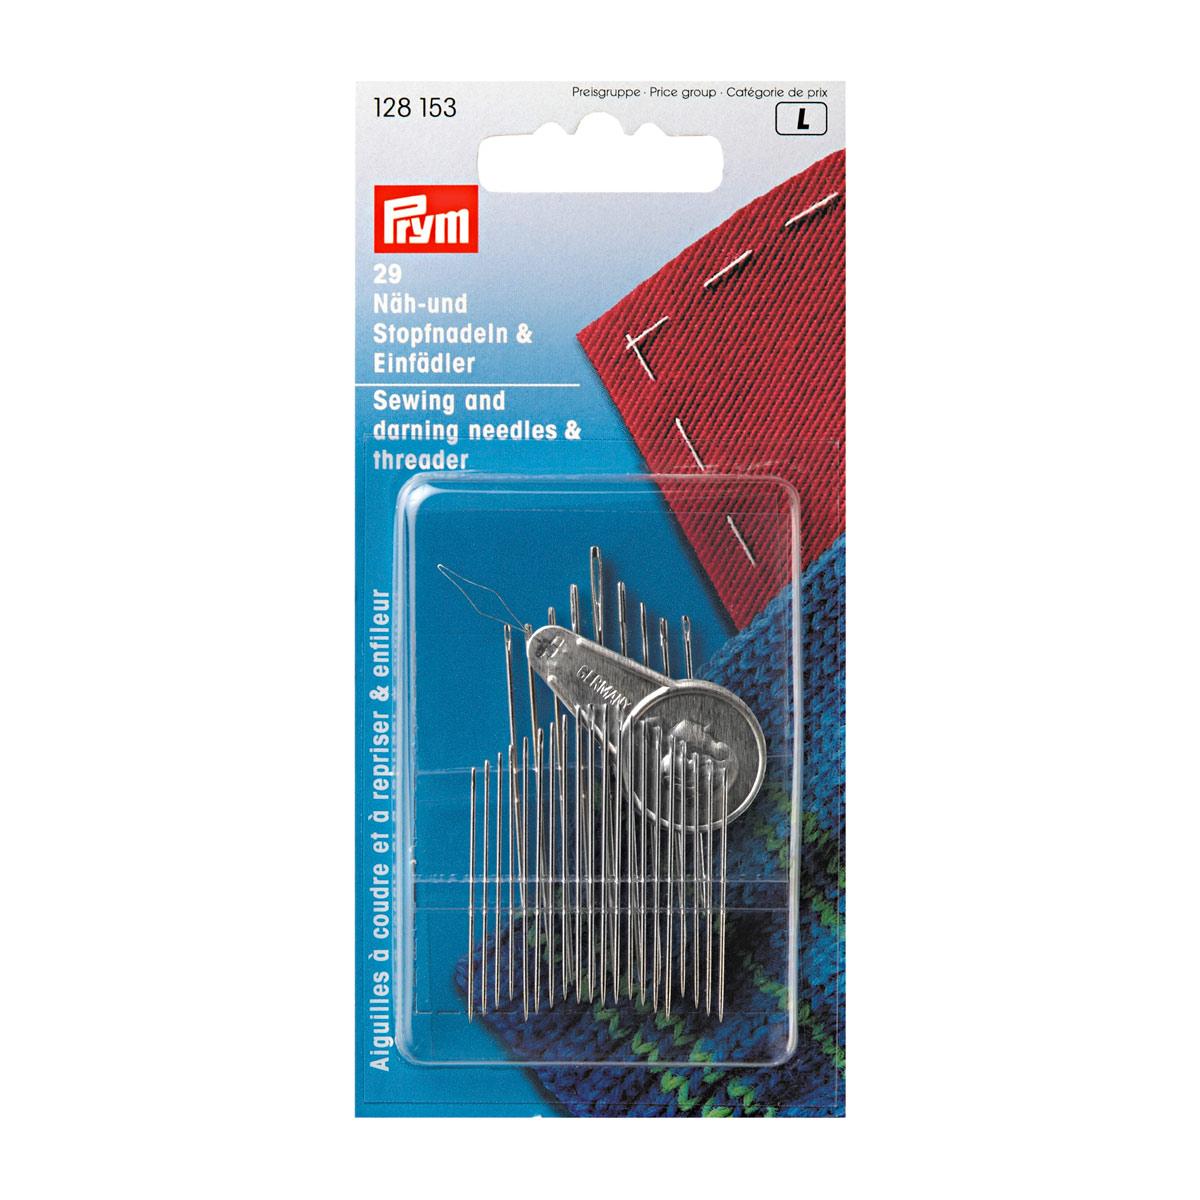 128153 Набор игл для шитья и штопки с нитевдевателем (29шт в уп) Prym